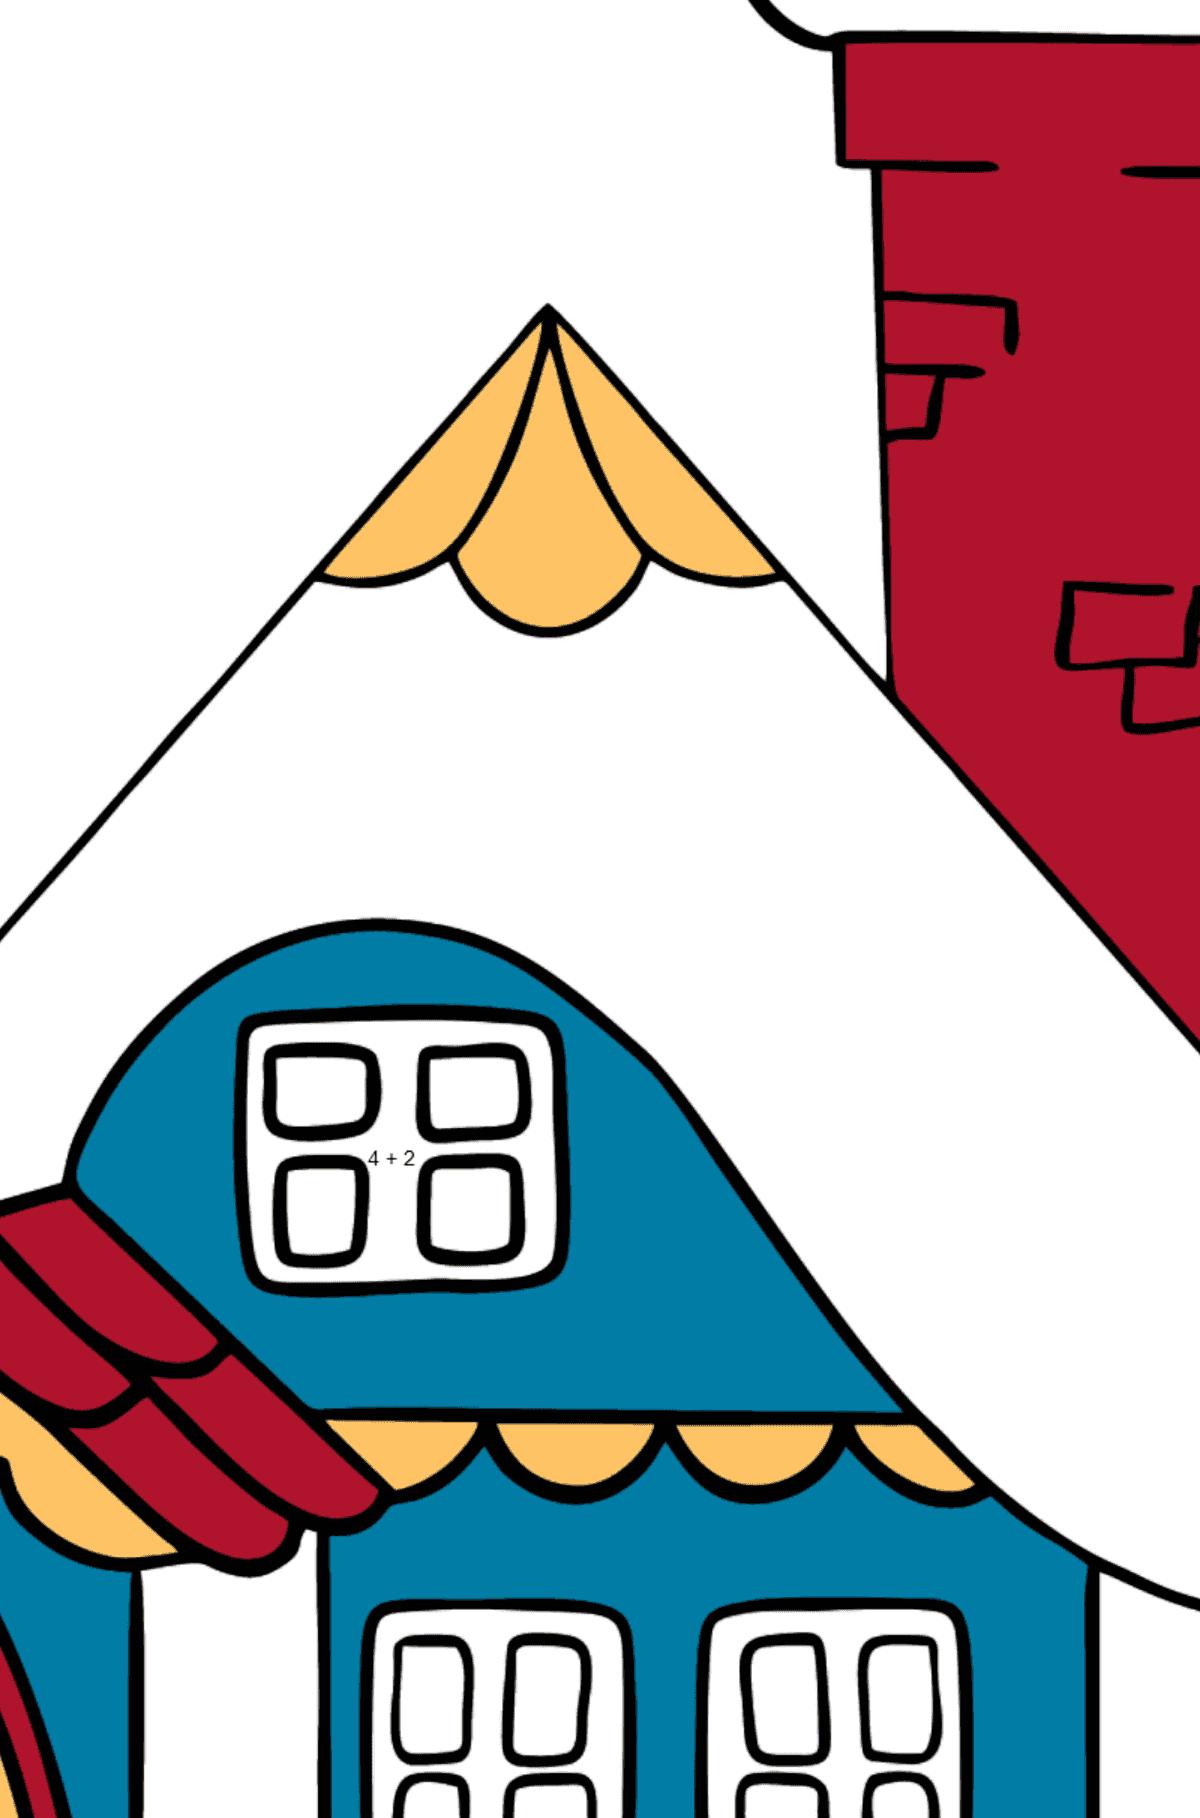 Простая раскраска домик дивный - Математическая Раскраска - Сложение для Детей